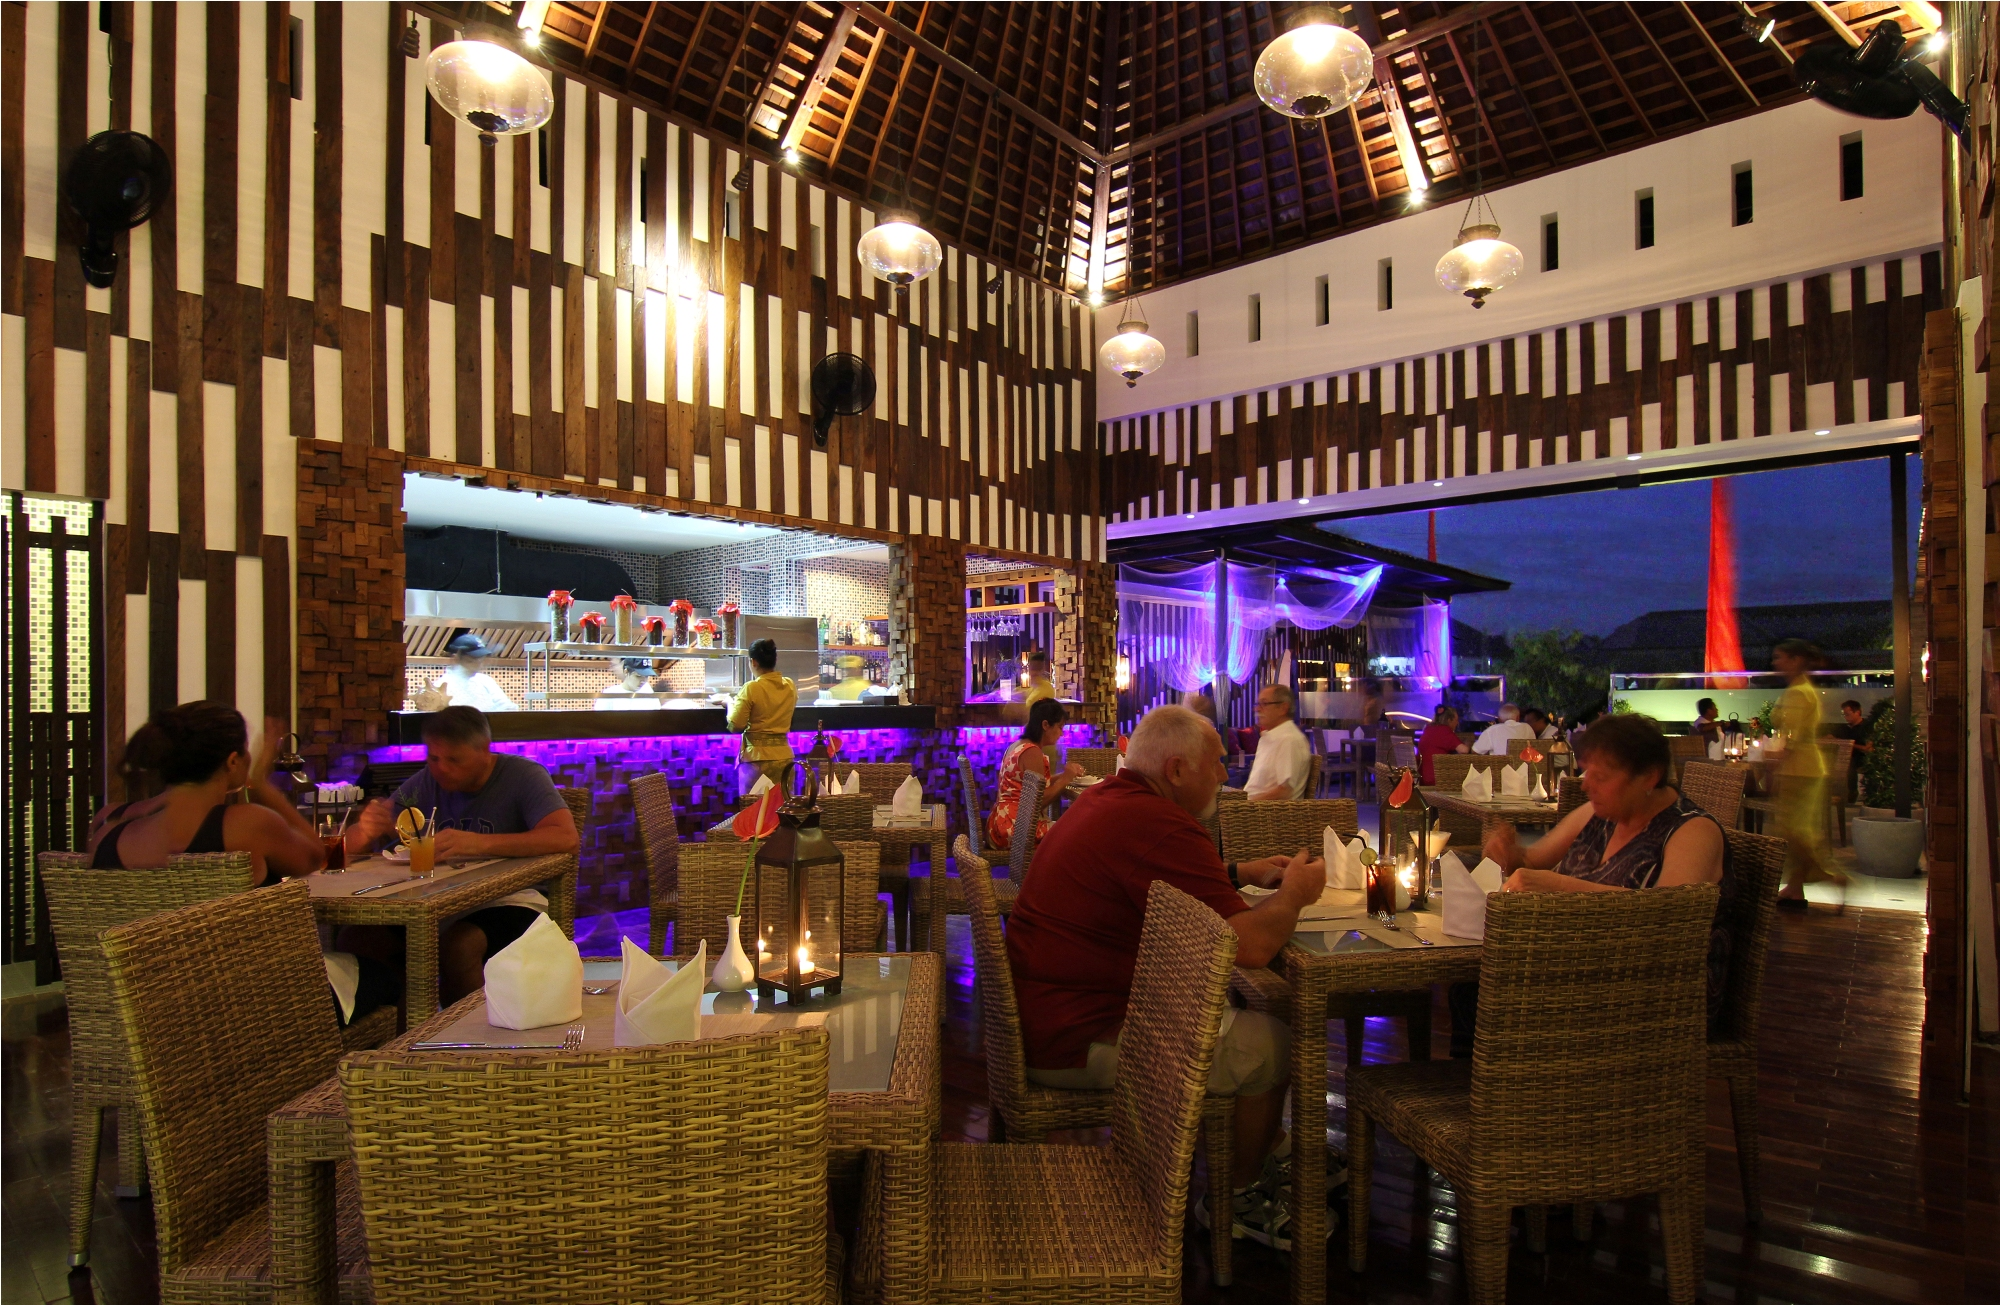 Bali Christmas Holiday - Pencar Seafood & Grill